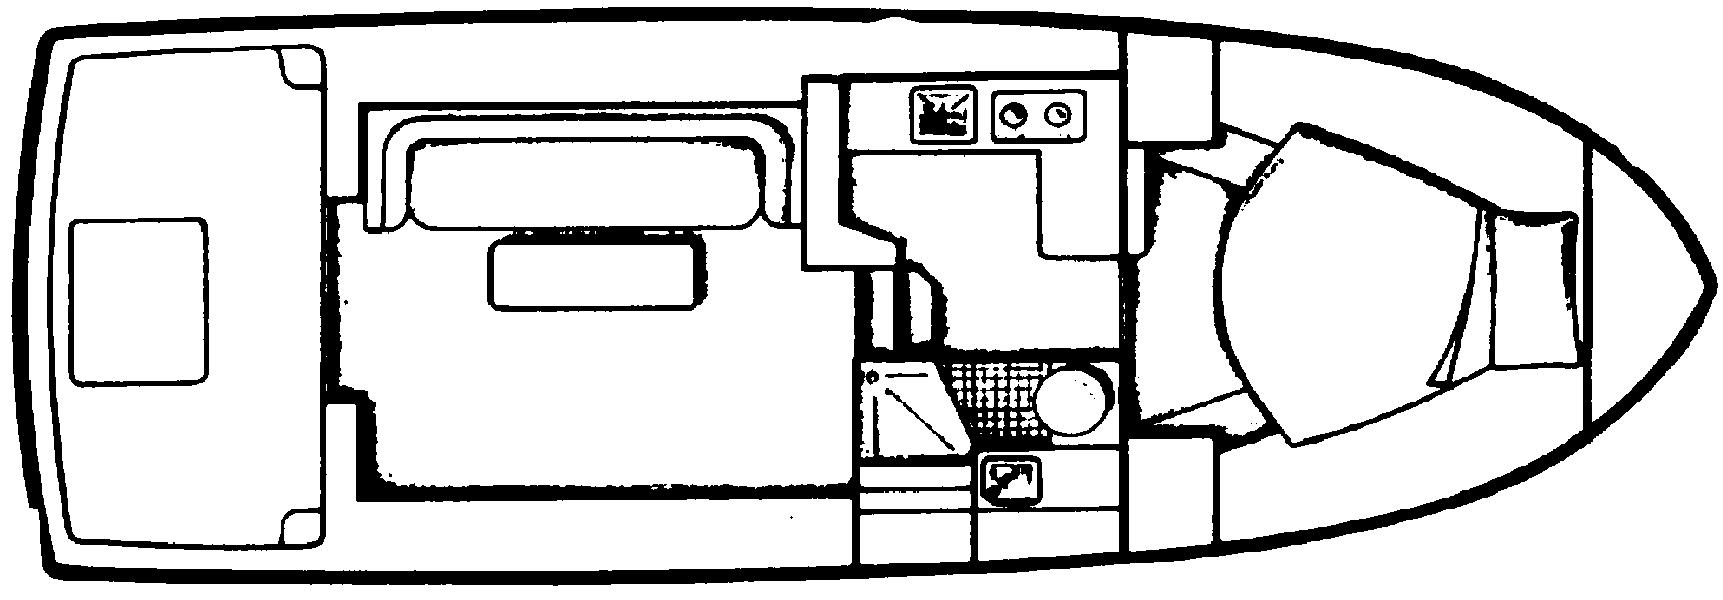 31 Convertible Floor Plan 2